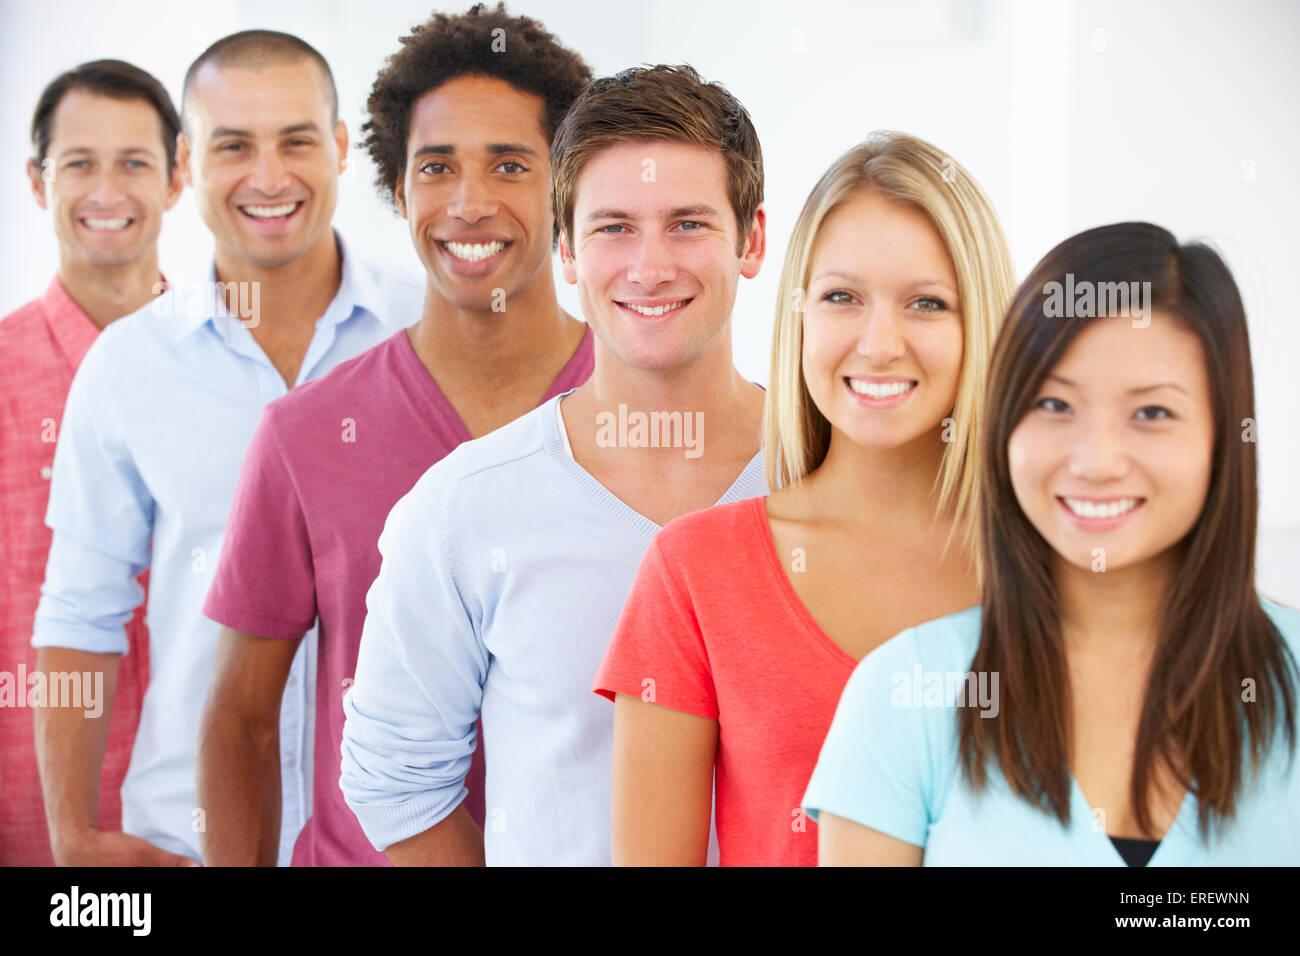 Línea de gente feliz y positivo de los negocios en vestimenta casual Imagen De Stock